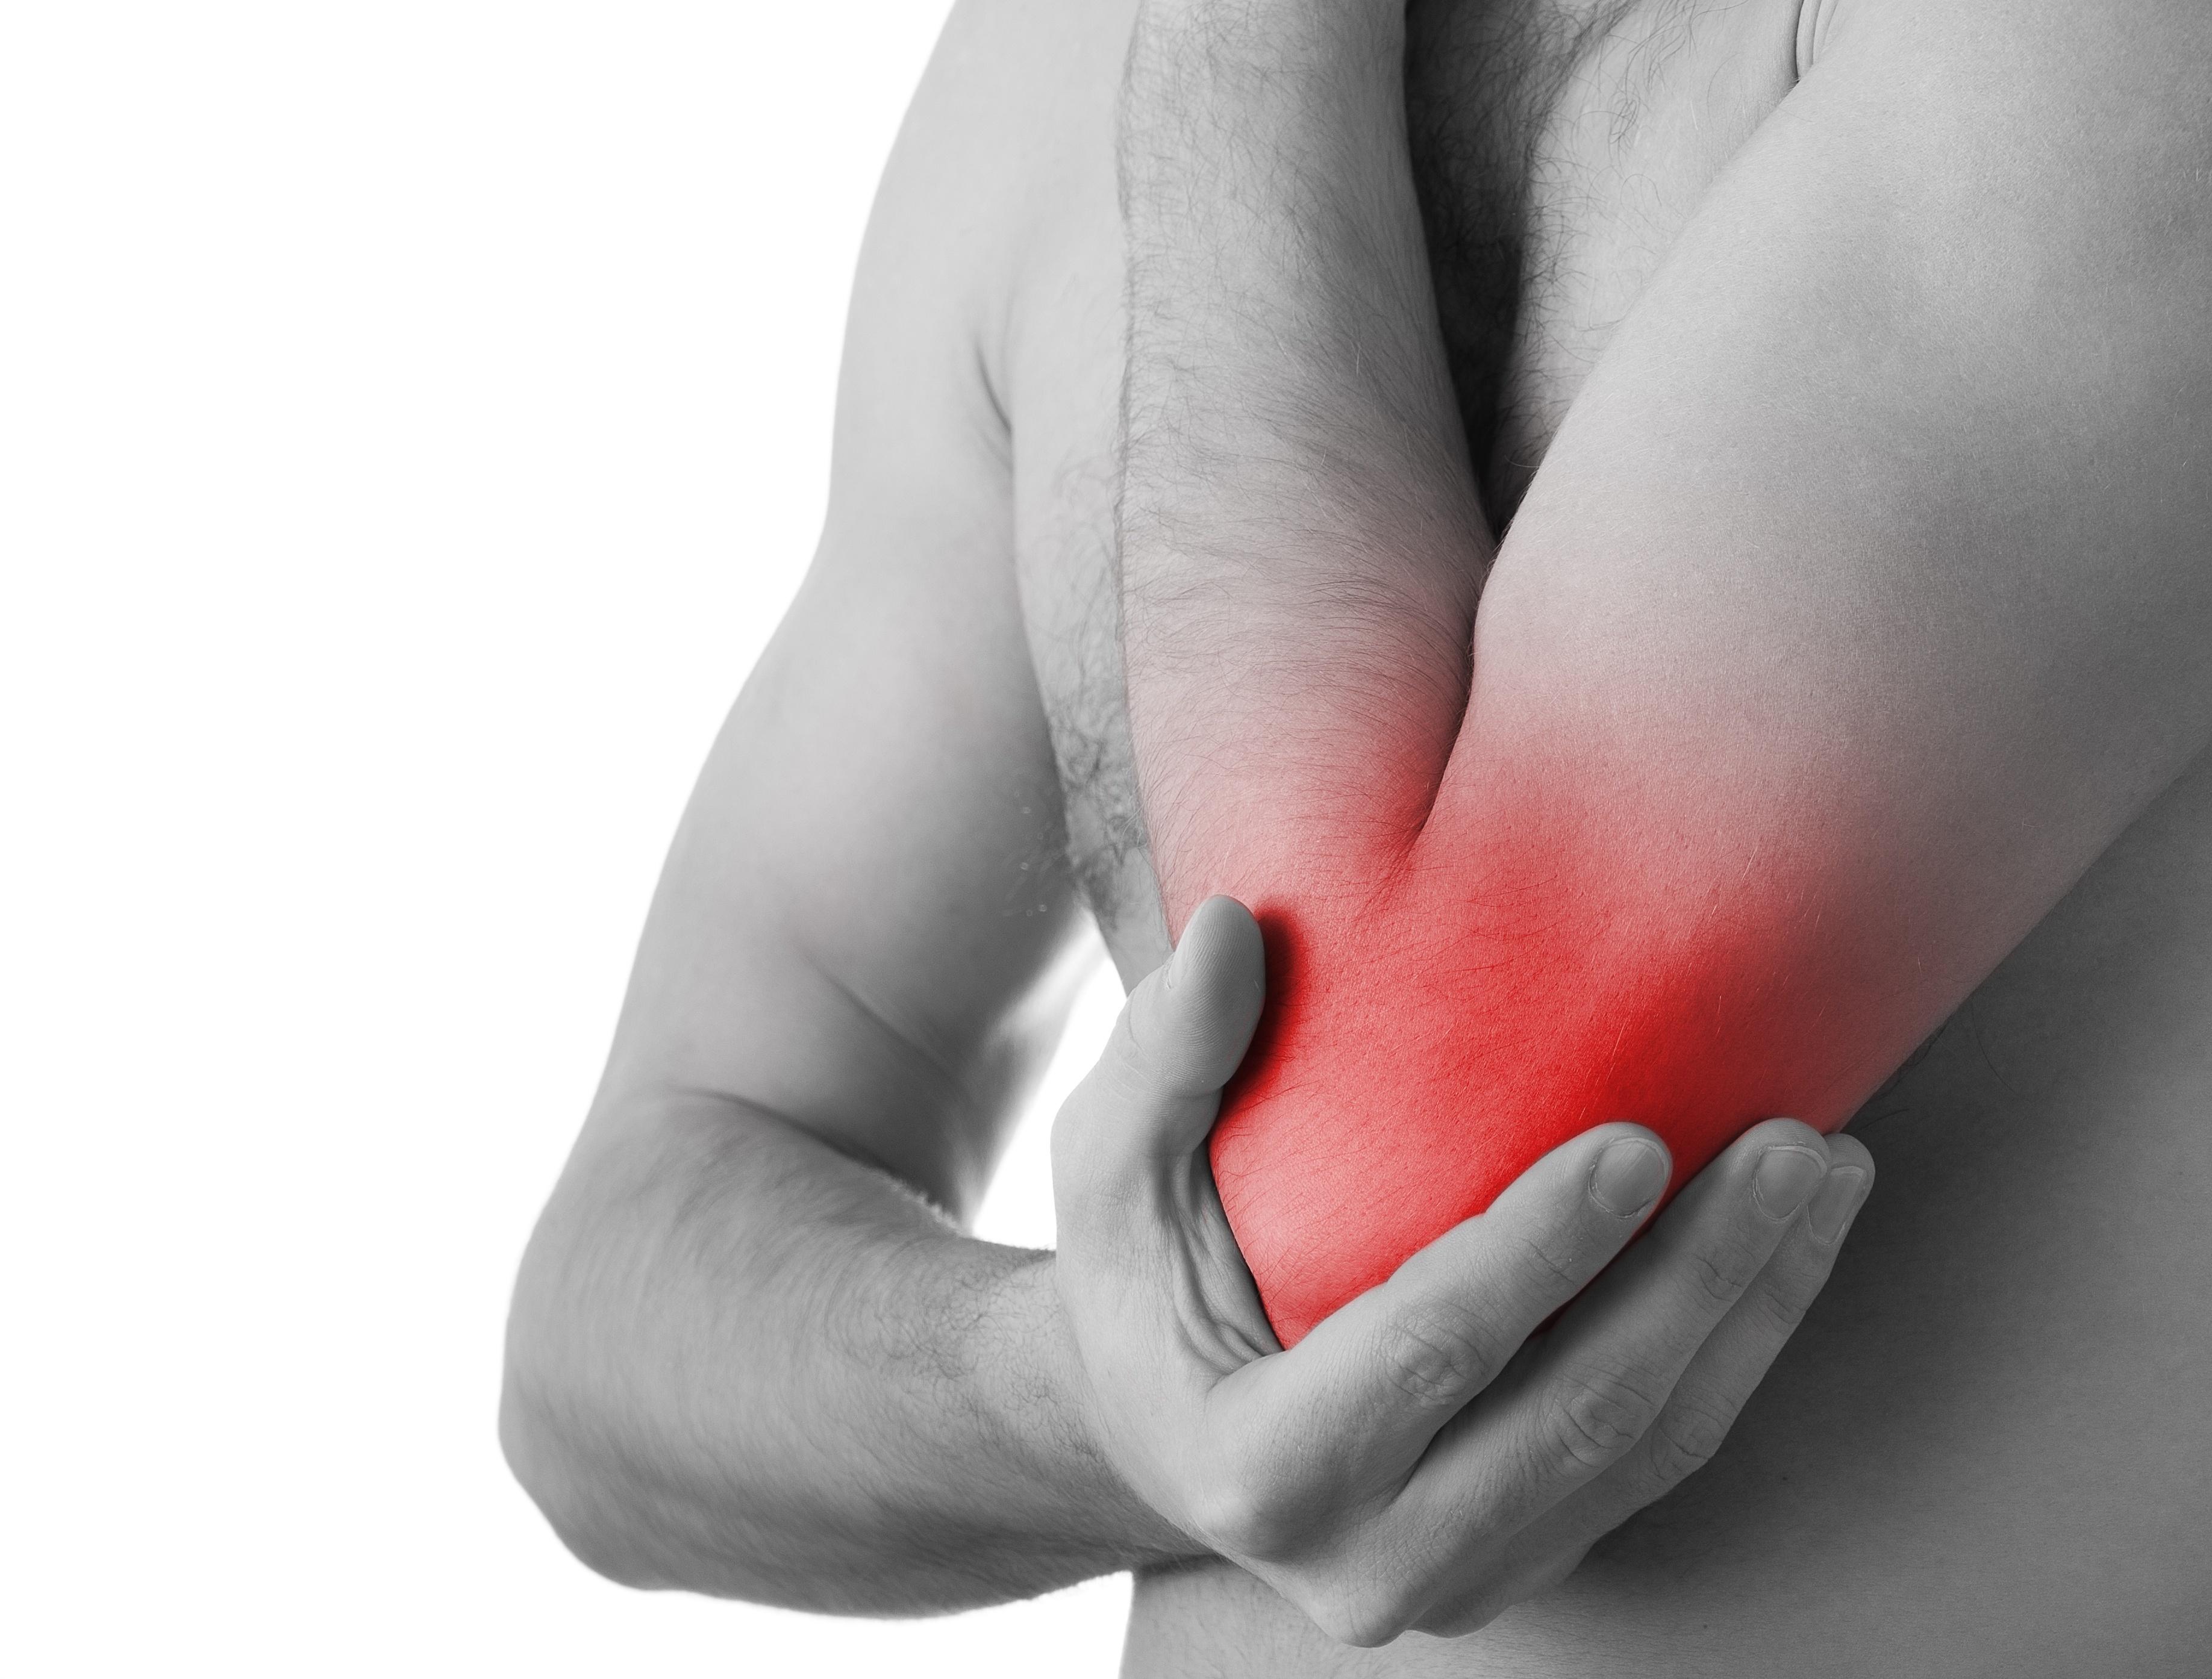 hogyan lehet kezelni az ízületi arthrosis kezelését ízületek életkori betegsége